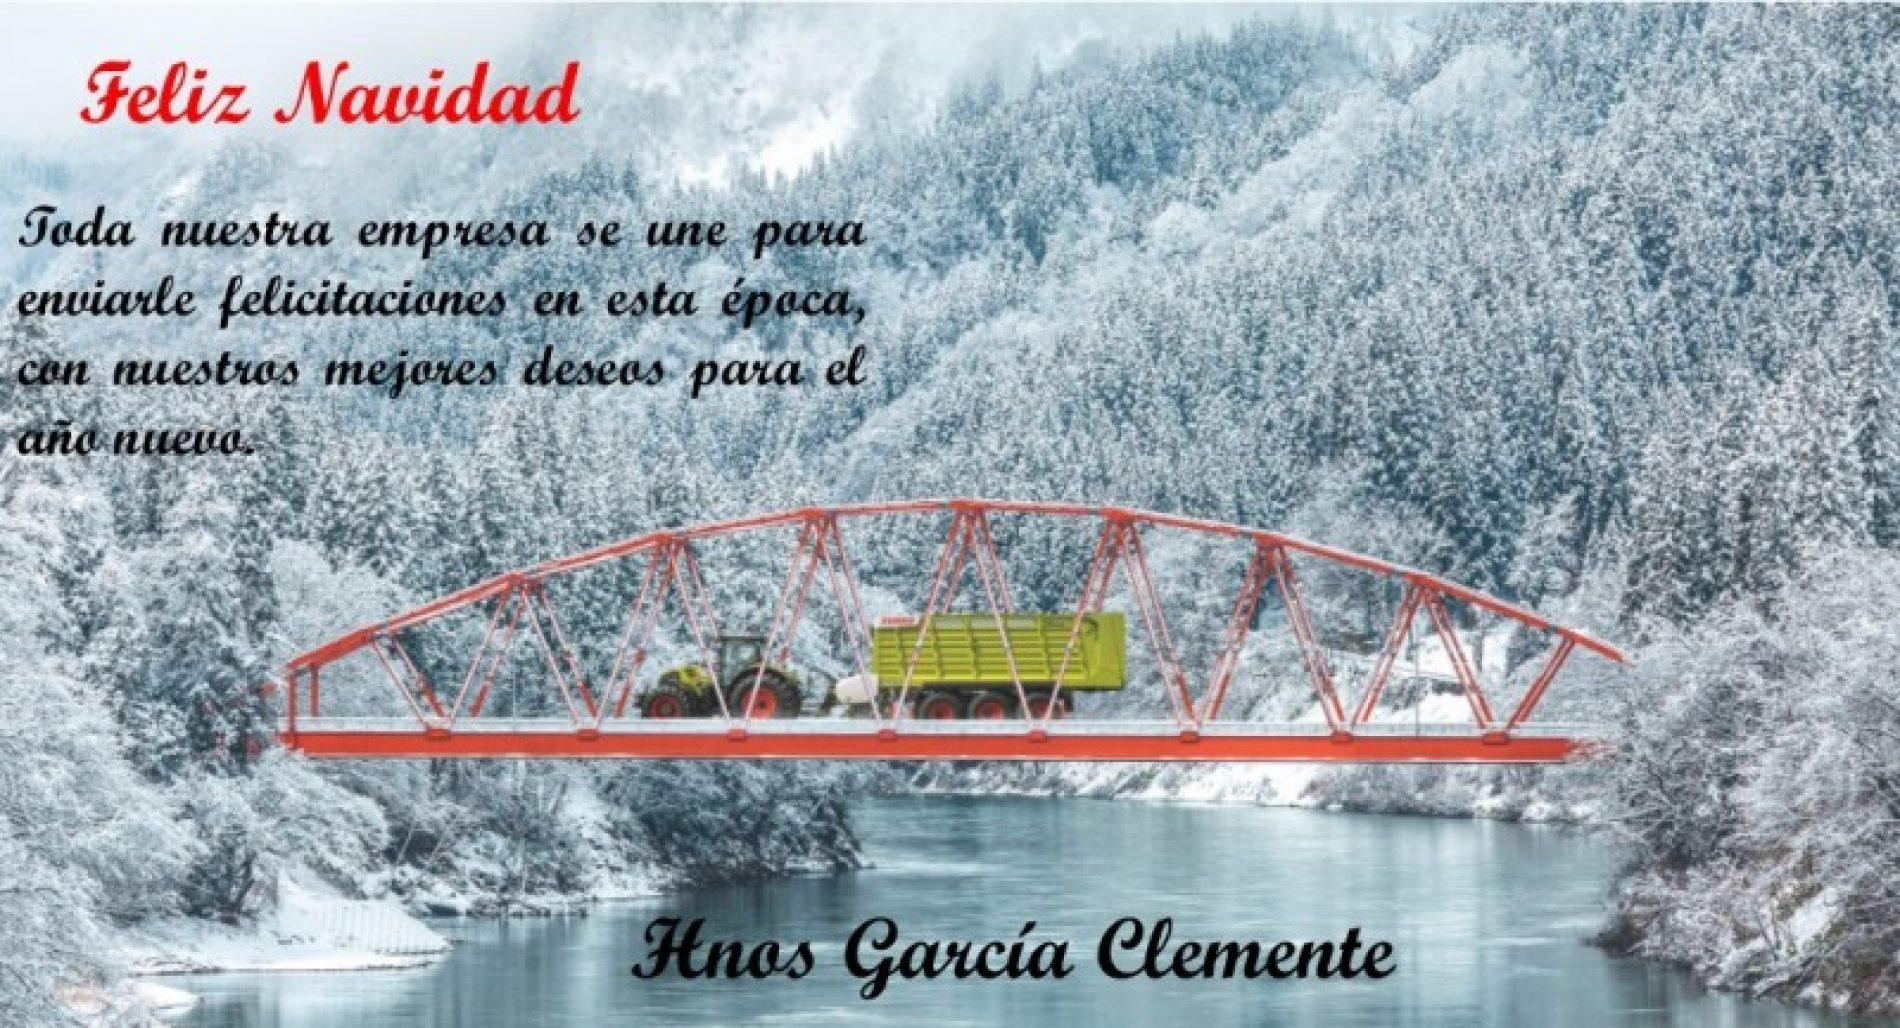 Felices Fiestas y prospero año nuevo 2018